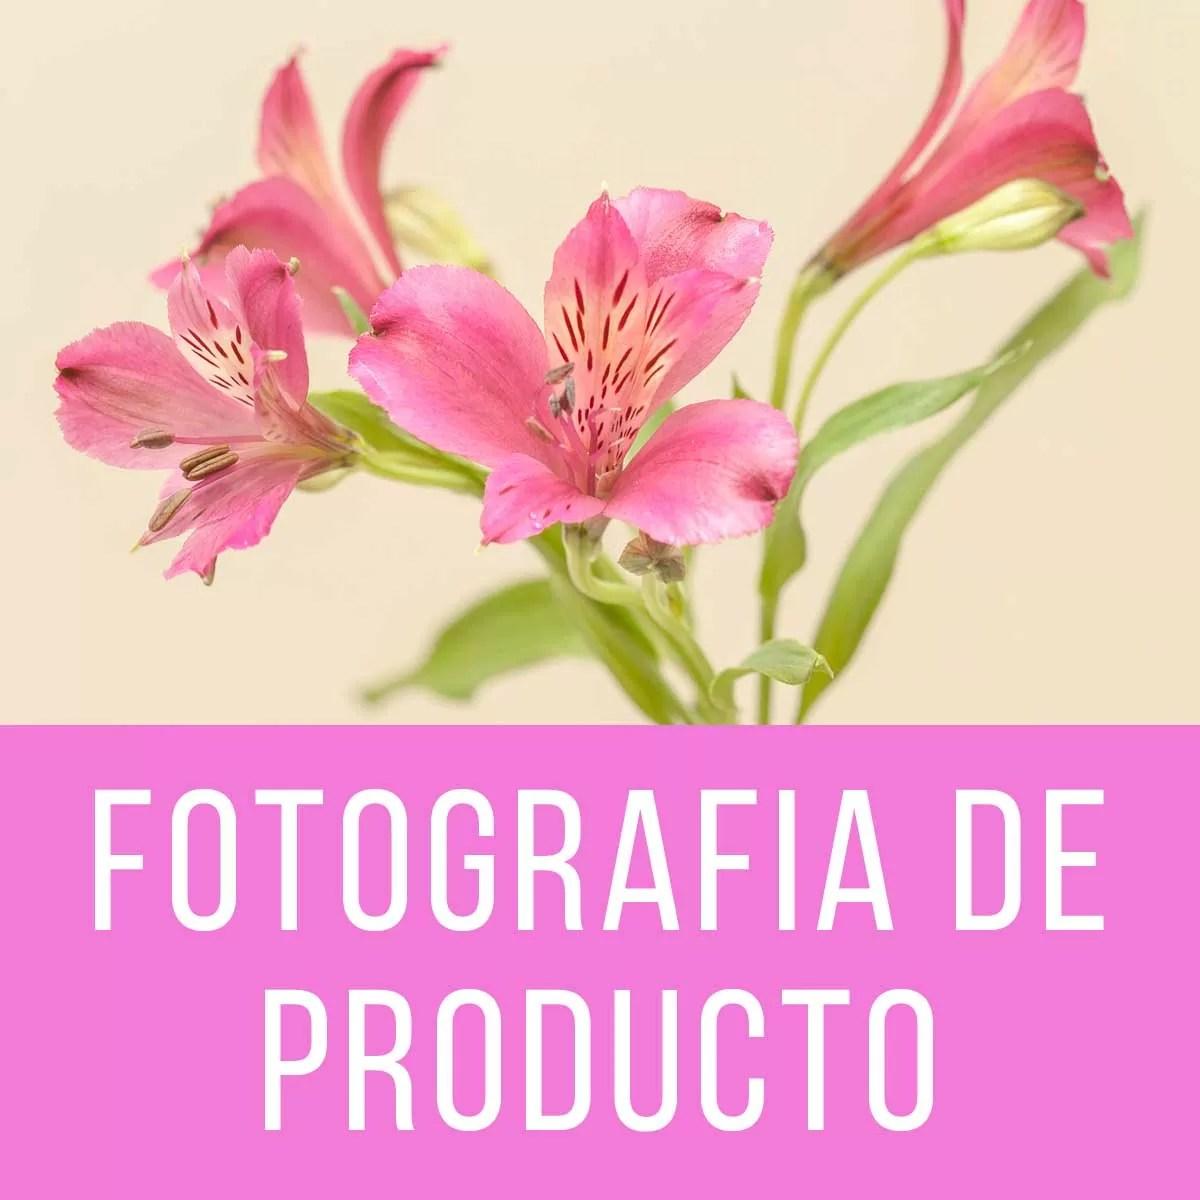 La fotografia de producto